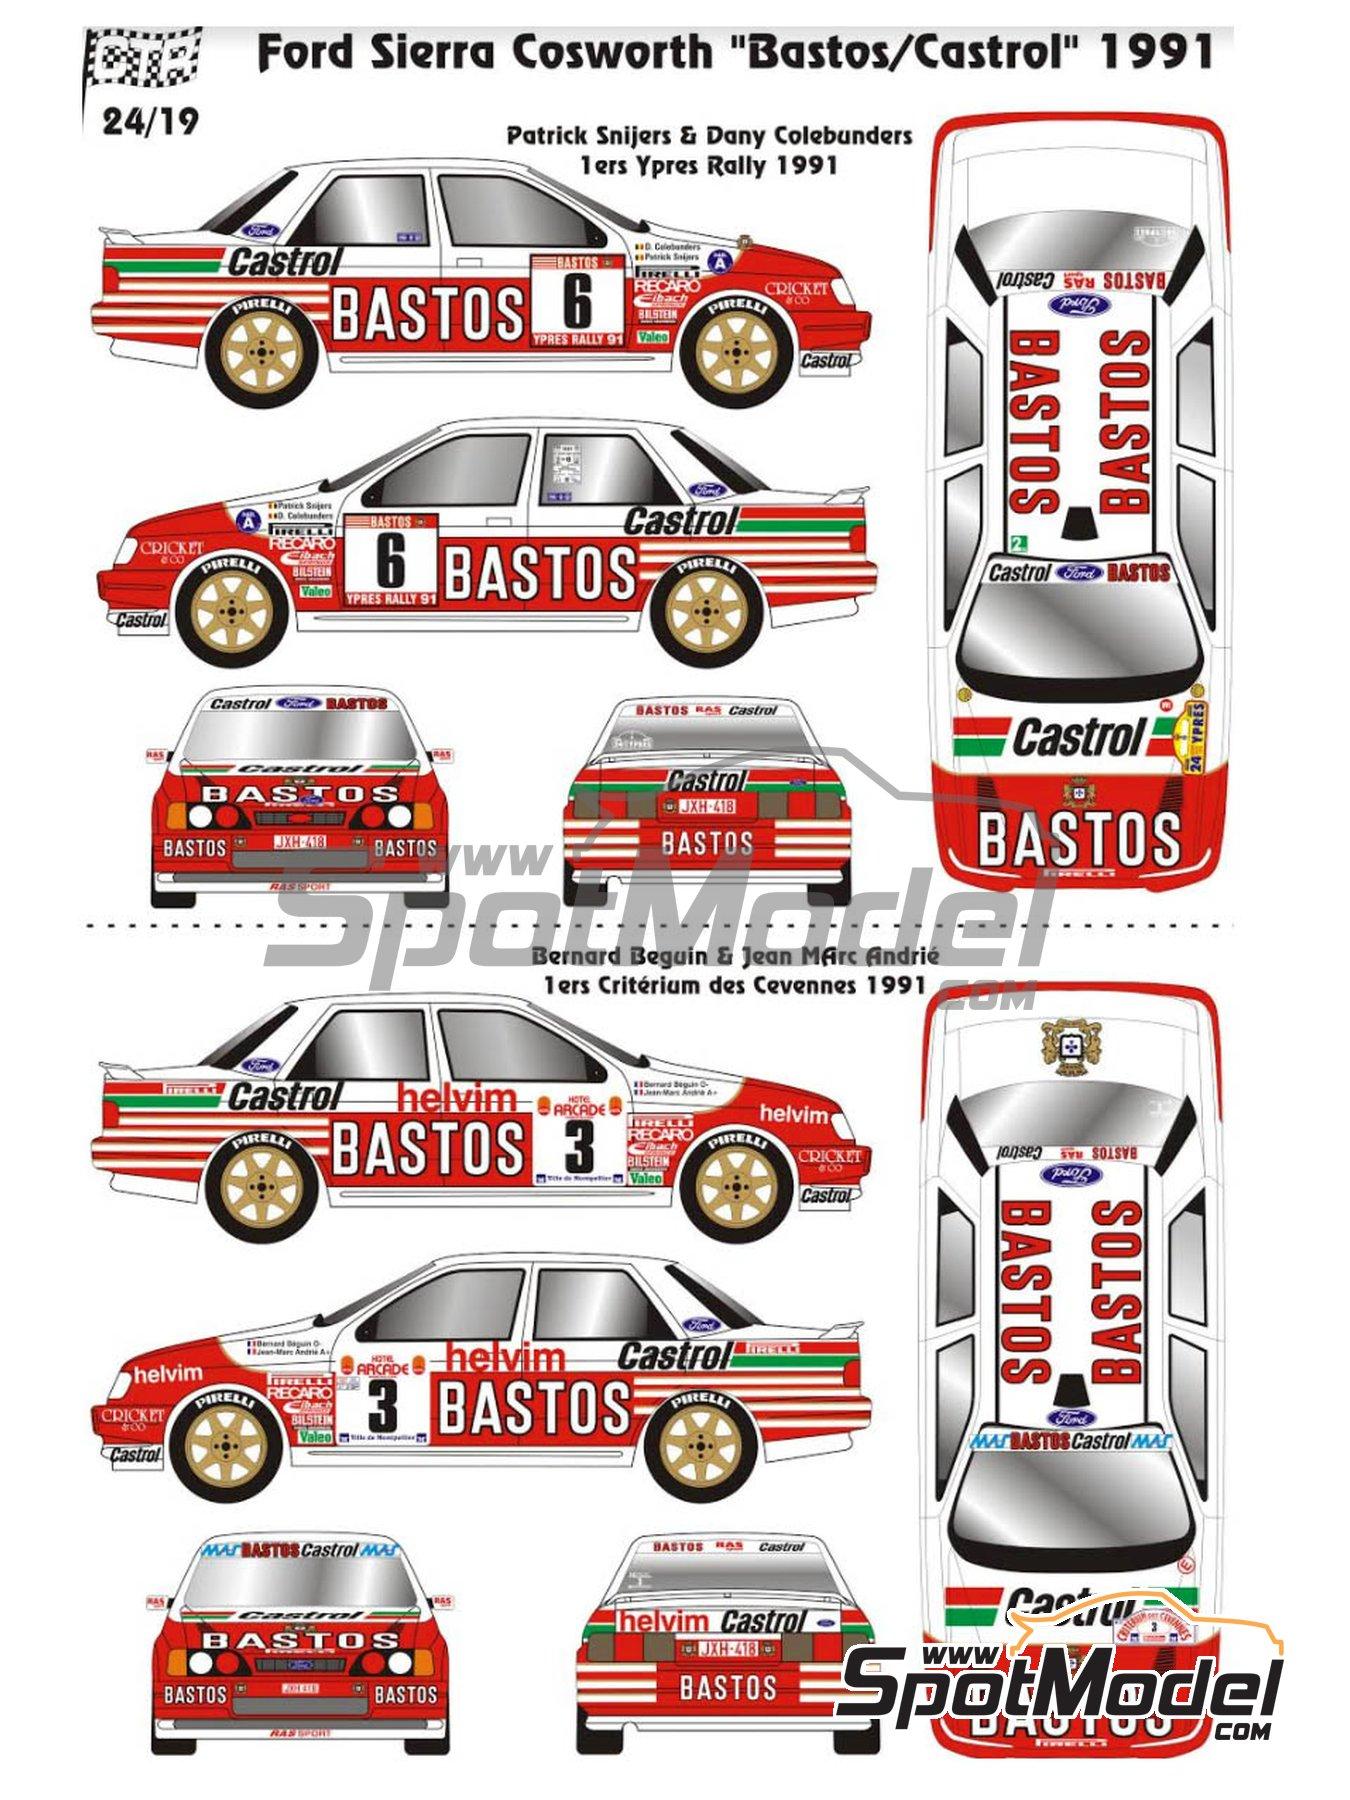 Ford Sierra Cosworth 4x4 Grupo A Bastos Castrol - Rally de Ypres de Belgica, Rallye Critérium des Cévennes 1991 | Maqueta de coche en escala1/24 fabricado por Renaissance Models (ref.CTR2424) image